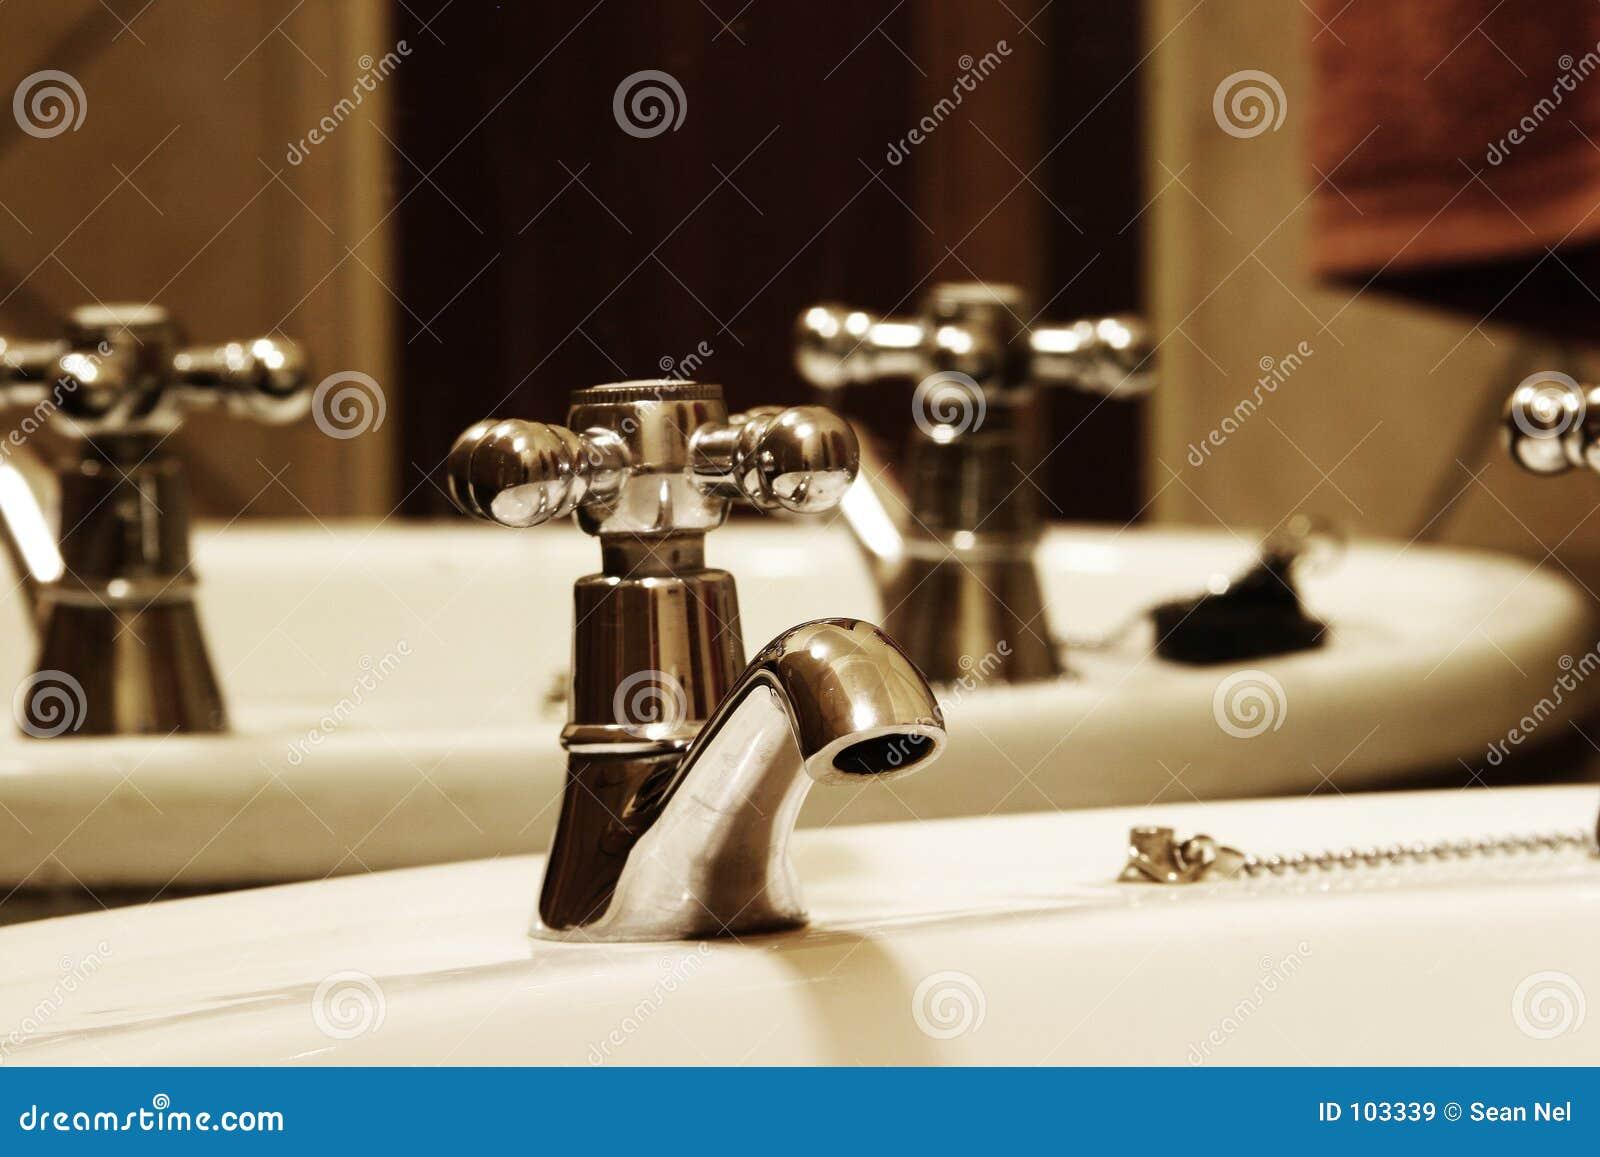 Torneira do banheiro